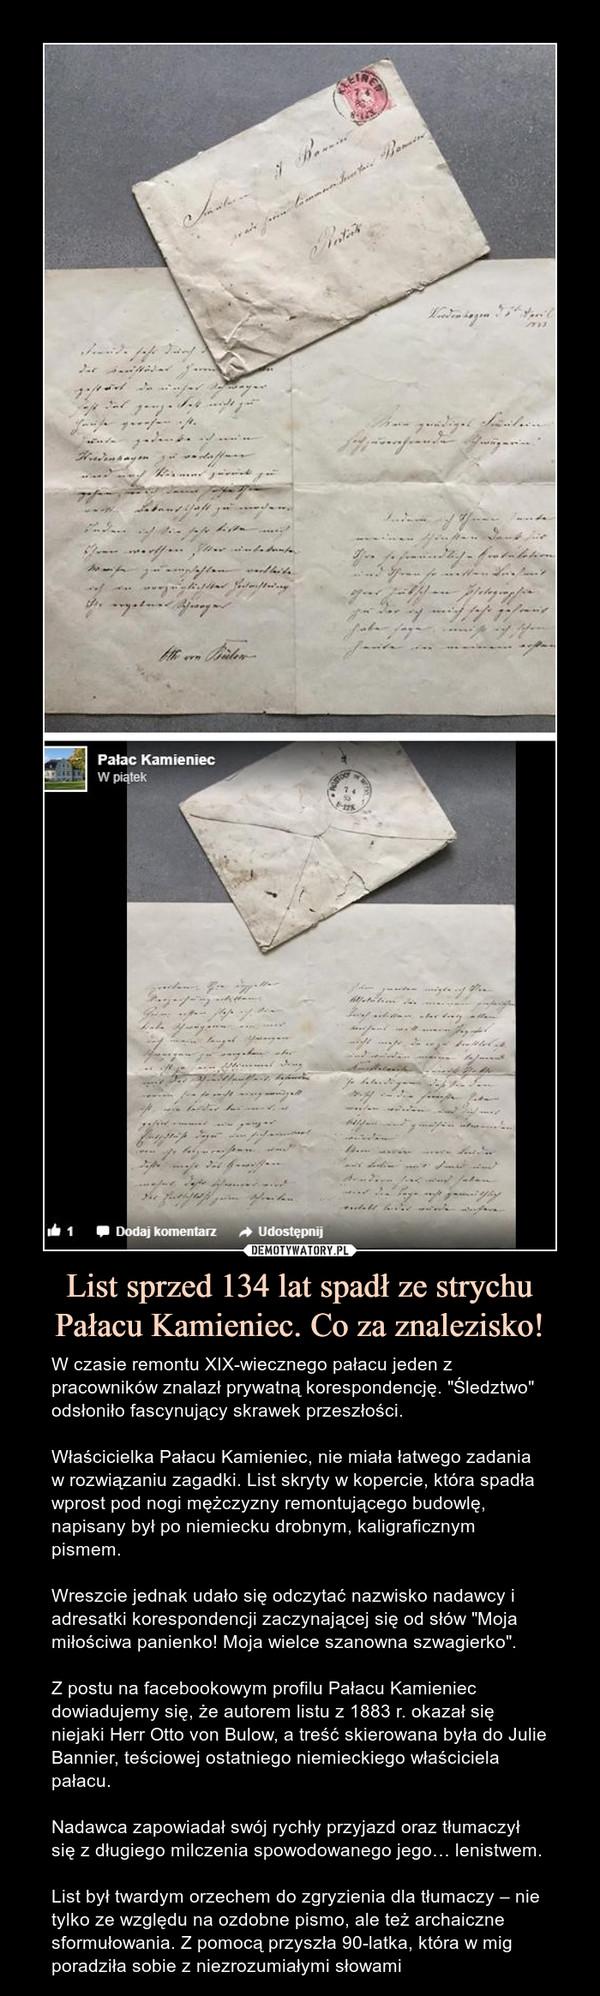 """List sprzed 134 lat spadł ze strychu Pałacu Kamieniec. Co za znalezisko! – W czasie remontu XIX-wiecznego pałacu jeden z pracowników znalazł prywatną korespondencję. """"Śledztwo"""" odsłoniło fascynujący skrawek przeszłości.Właścicielka Pałacu Kamieniec, nie miała łatwego zadania w rozwiązaniu zagadki. List skryty w kopercie, która spadła wprost pod nogi mężczyzny remontującego budowlę, napisany był po niemiecku drobnym, kaligraficznym pismem. Wreszcie jednak udało się odczytać nazwisko nadawcy i adresatki korespondencji zaczynającej się od słów """"Moja miłościwa panienko! Moja wielce szanowna szwagierko"""".Z postu na facebookowym profilu Pałacu Kamieniec dowiadujemy się, że autorem listu z 1883 r. okazał się niejaki Herr Otto von Bulow, a treść skierowana była do Julie Bannier, teściowej ostatniego niemieckiego właściciela pałacu. Nadawca zapowiadał swój rychły przyjazd oraz tłumaczył się z długiego milczenia spowodowanego jego… lenistwem.List był twardym orzechem do zgryzienia dla tłumaczy – nie tylko ze względu na ozdobne pismo, ale też archaiczne sformułowania. Z pomocą przyszła 90-latka, która w mig poradziła sobie z niezrozumiałymi słowami"""